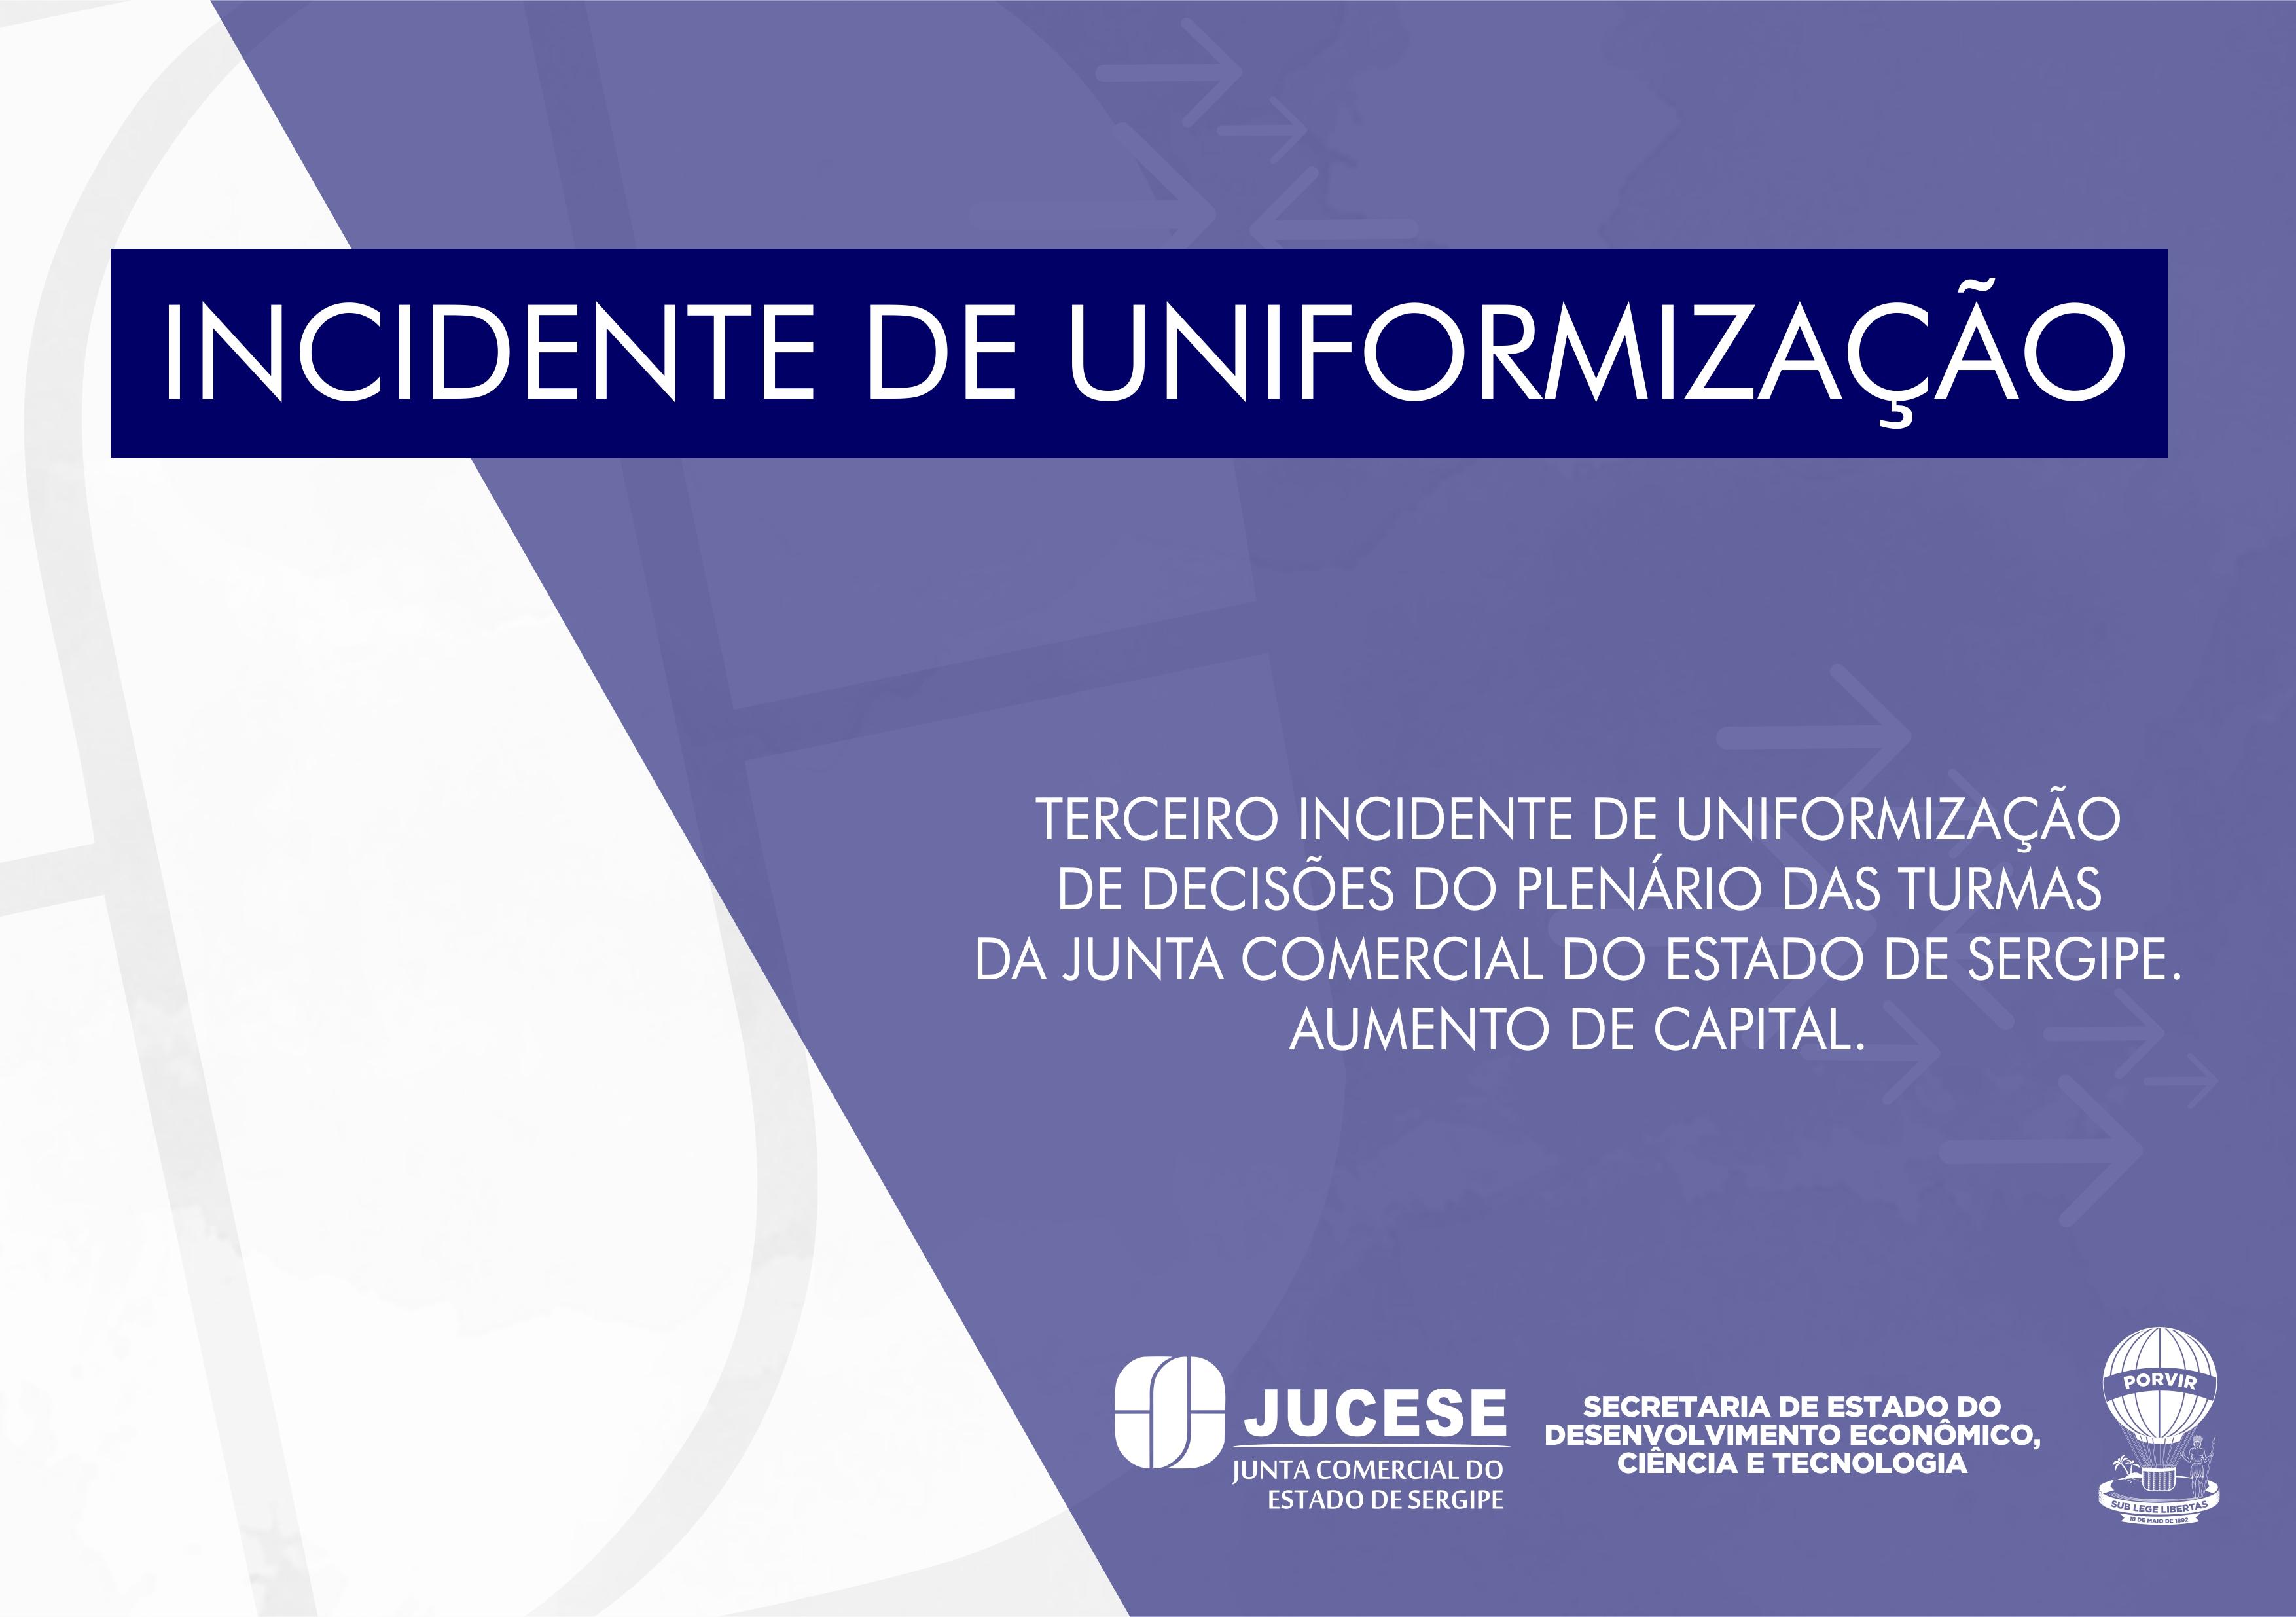 TERCEIRO INCIDENTE DE UNIFORMIZAÇÃO DE DECISÕES DO PLENÁRIO DAS TURMAS DA JUNTA COMERCIAL DO ESTADO DE SERGIPE. AUMENTO DE CAPITAL.